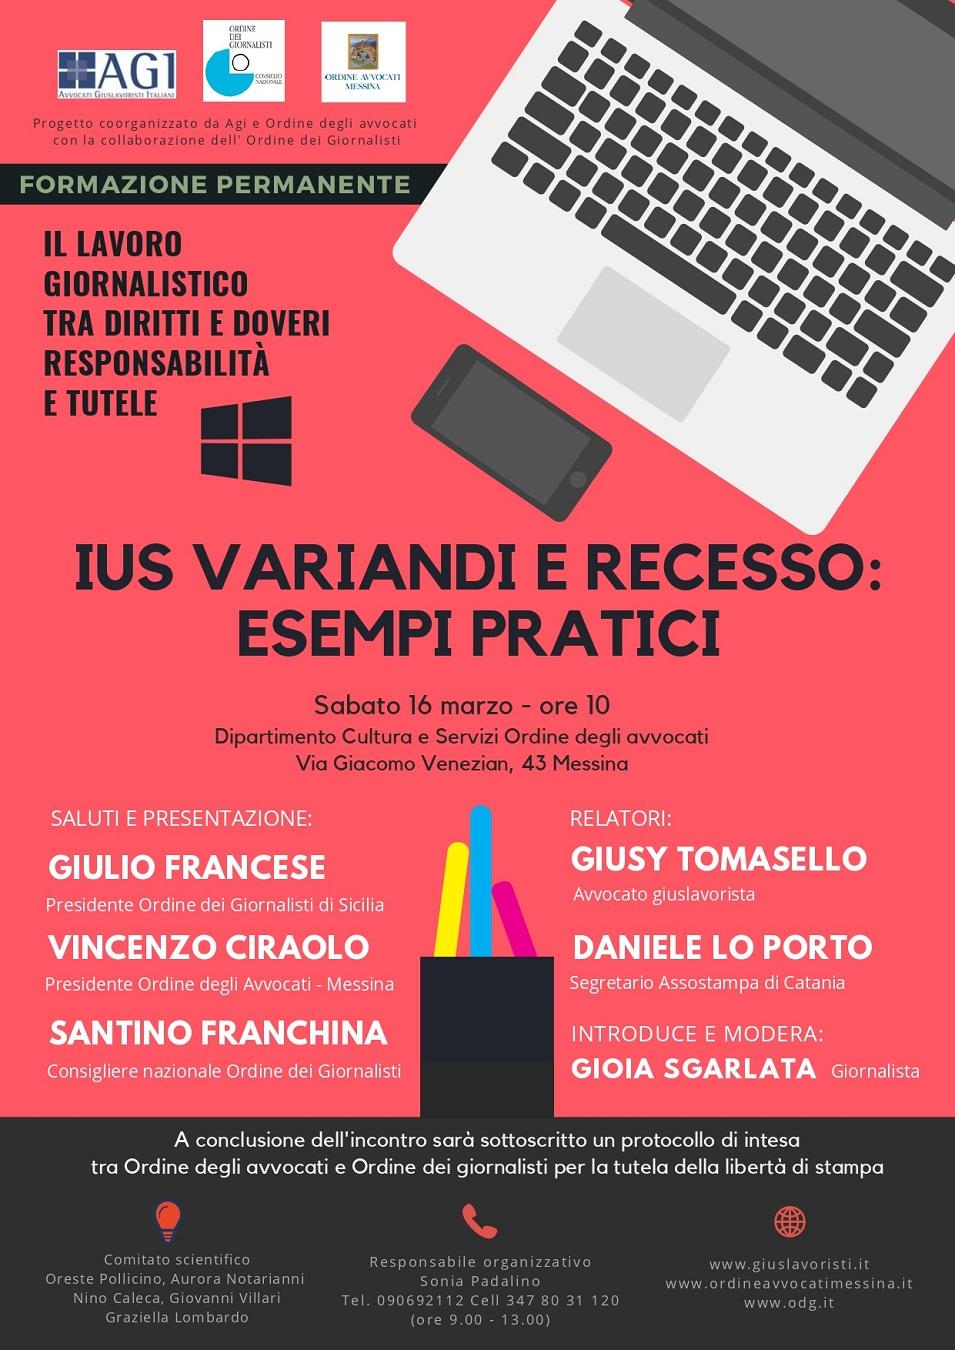 Il Lavoro Giornalistico tra diritti e doveri - IUS VARIANDI E RECESSO: ESEMPI PRATICI